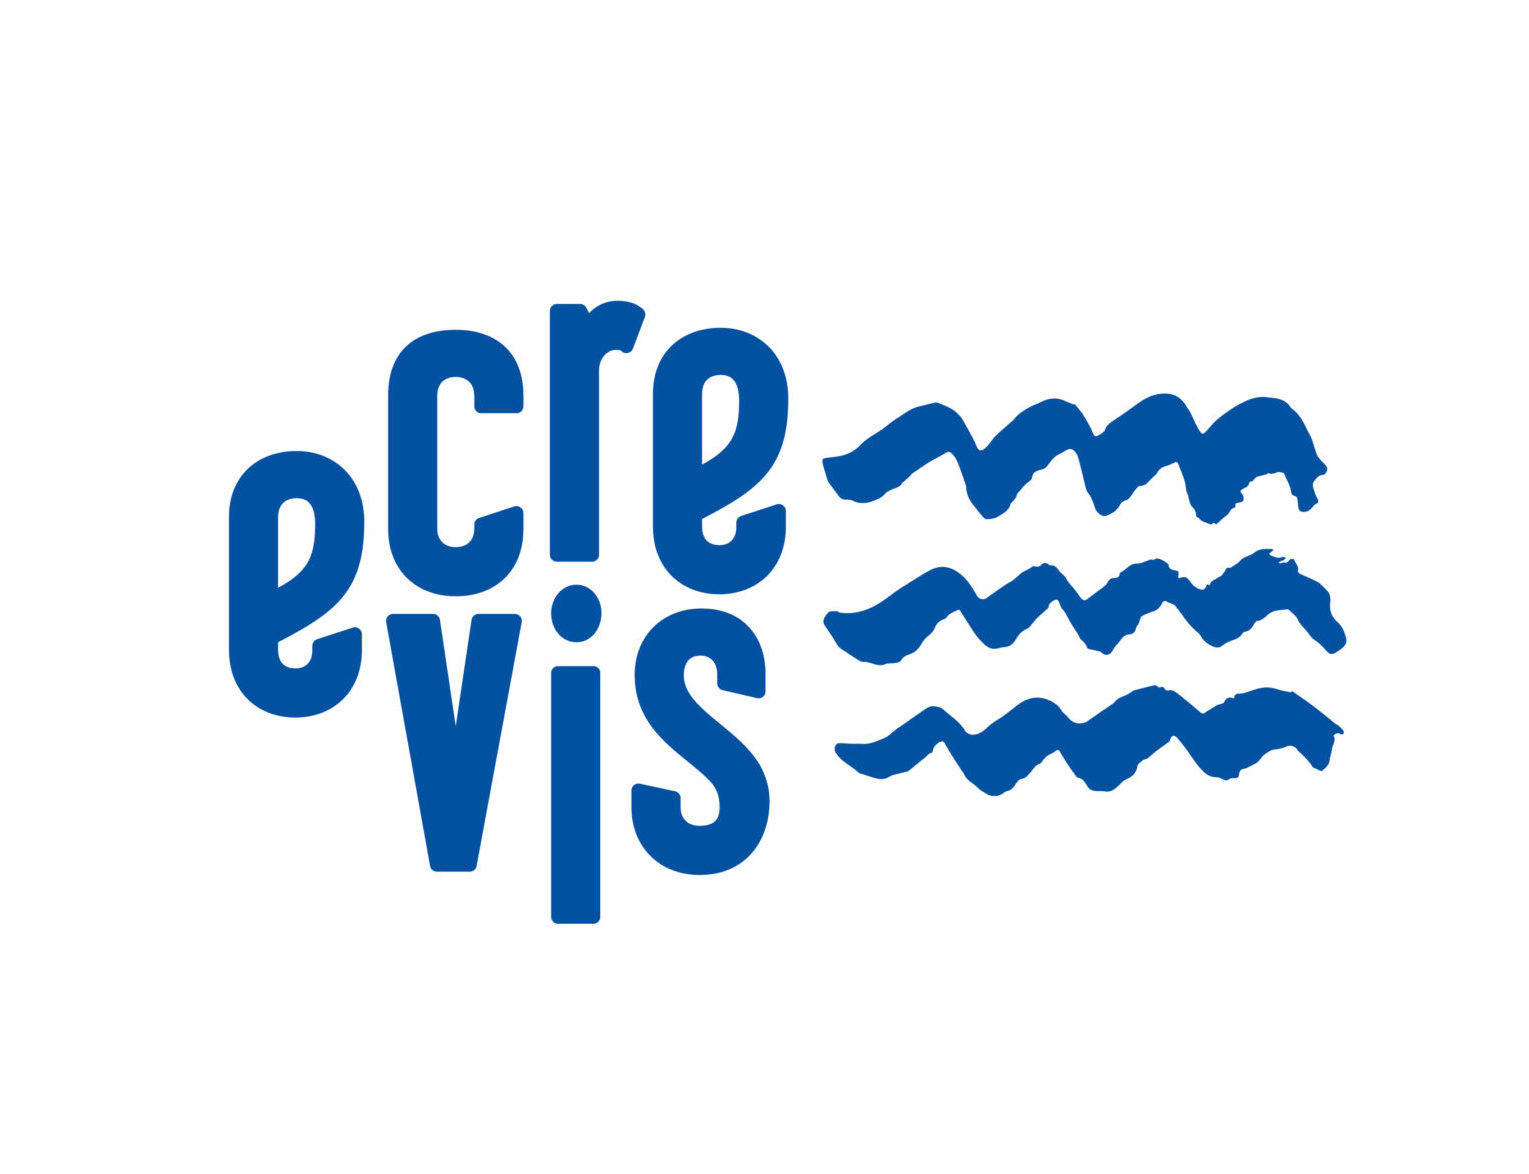 L'ECREVIS